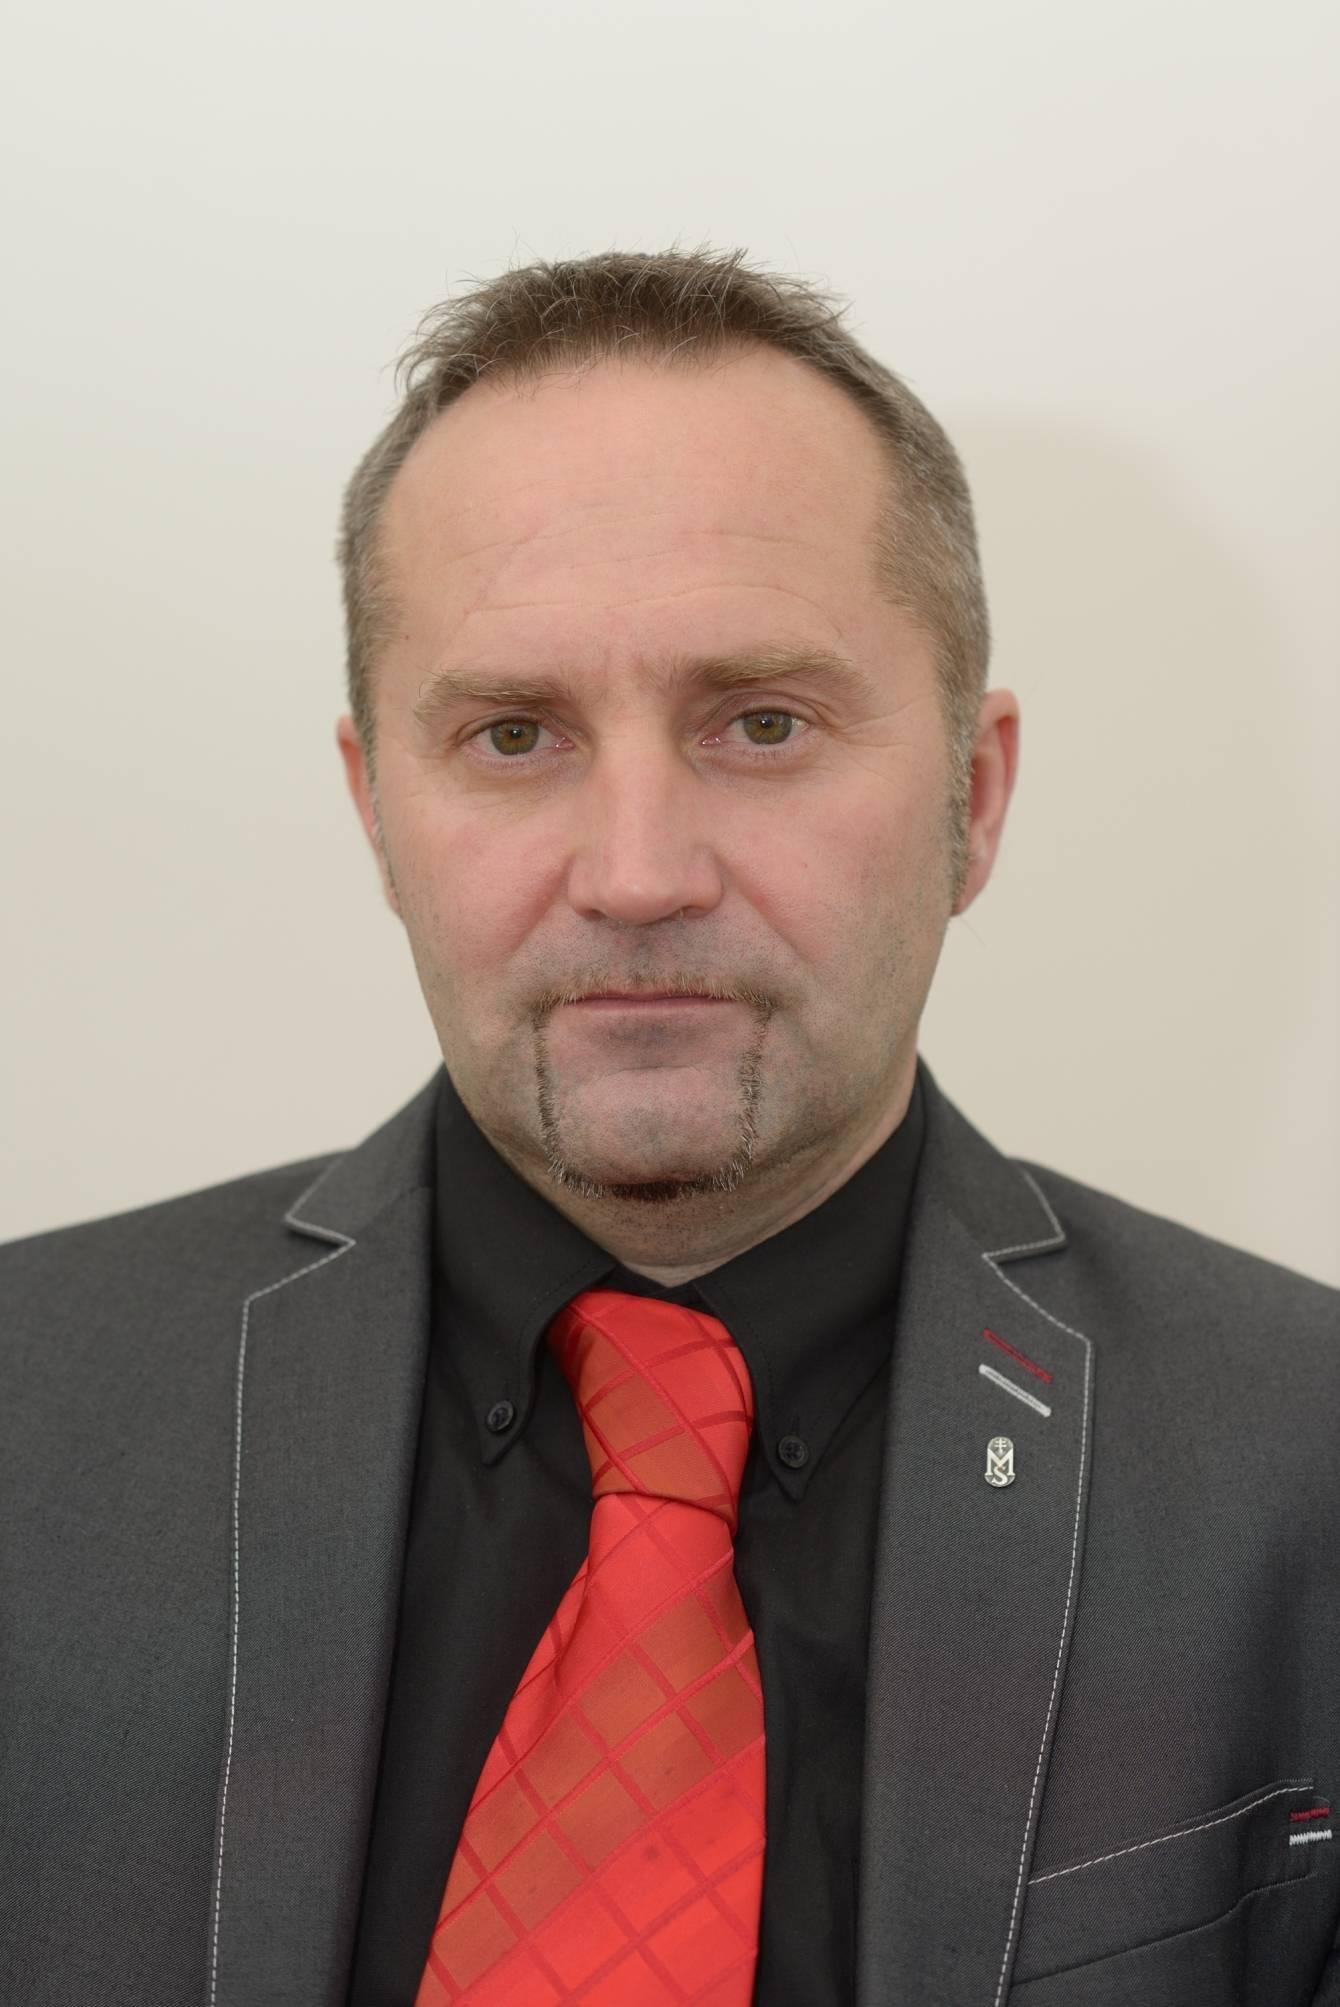 Mgr. Maroš Smolec